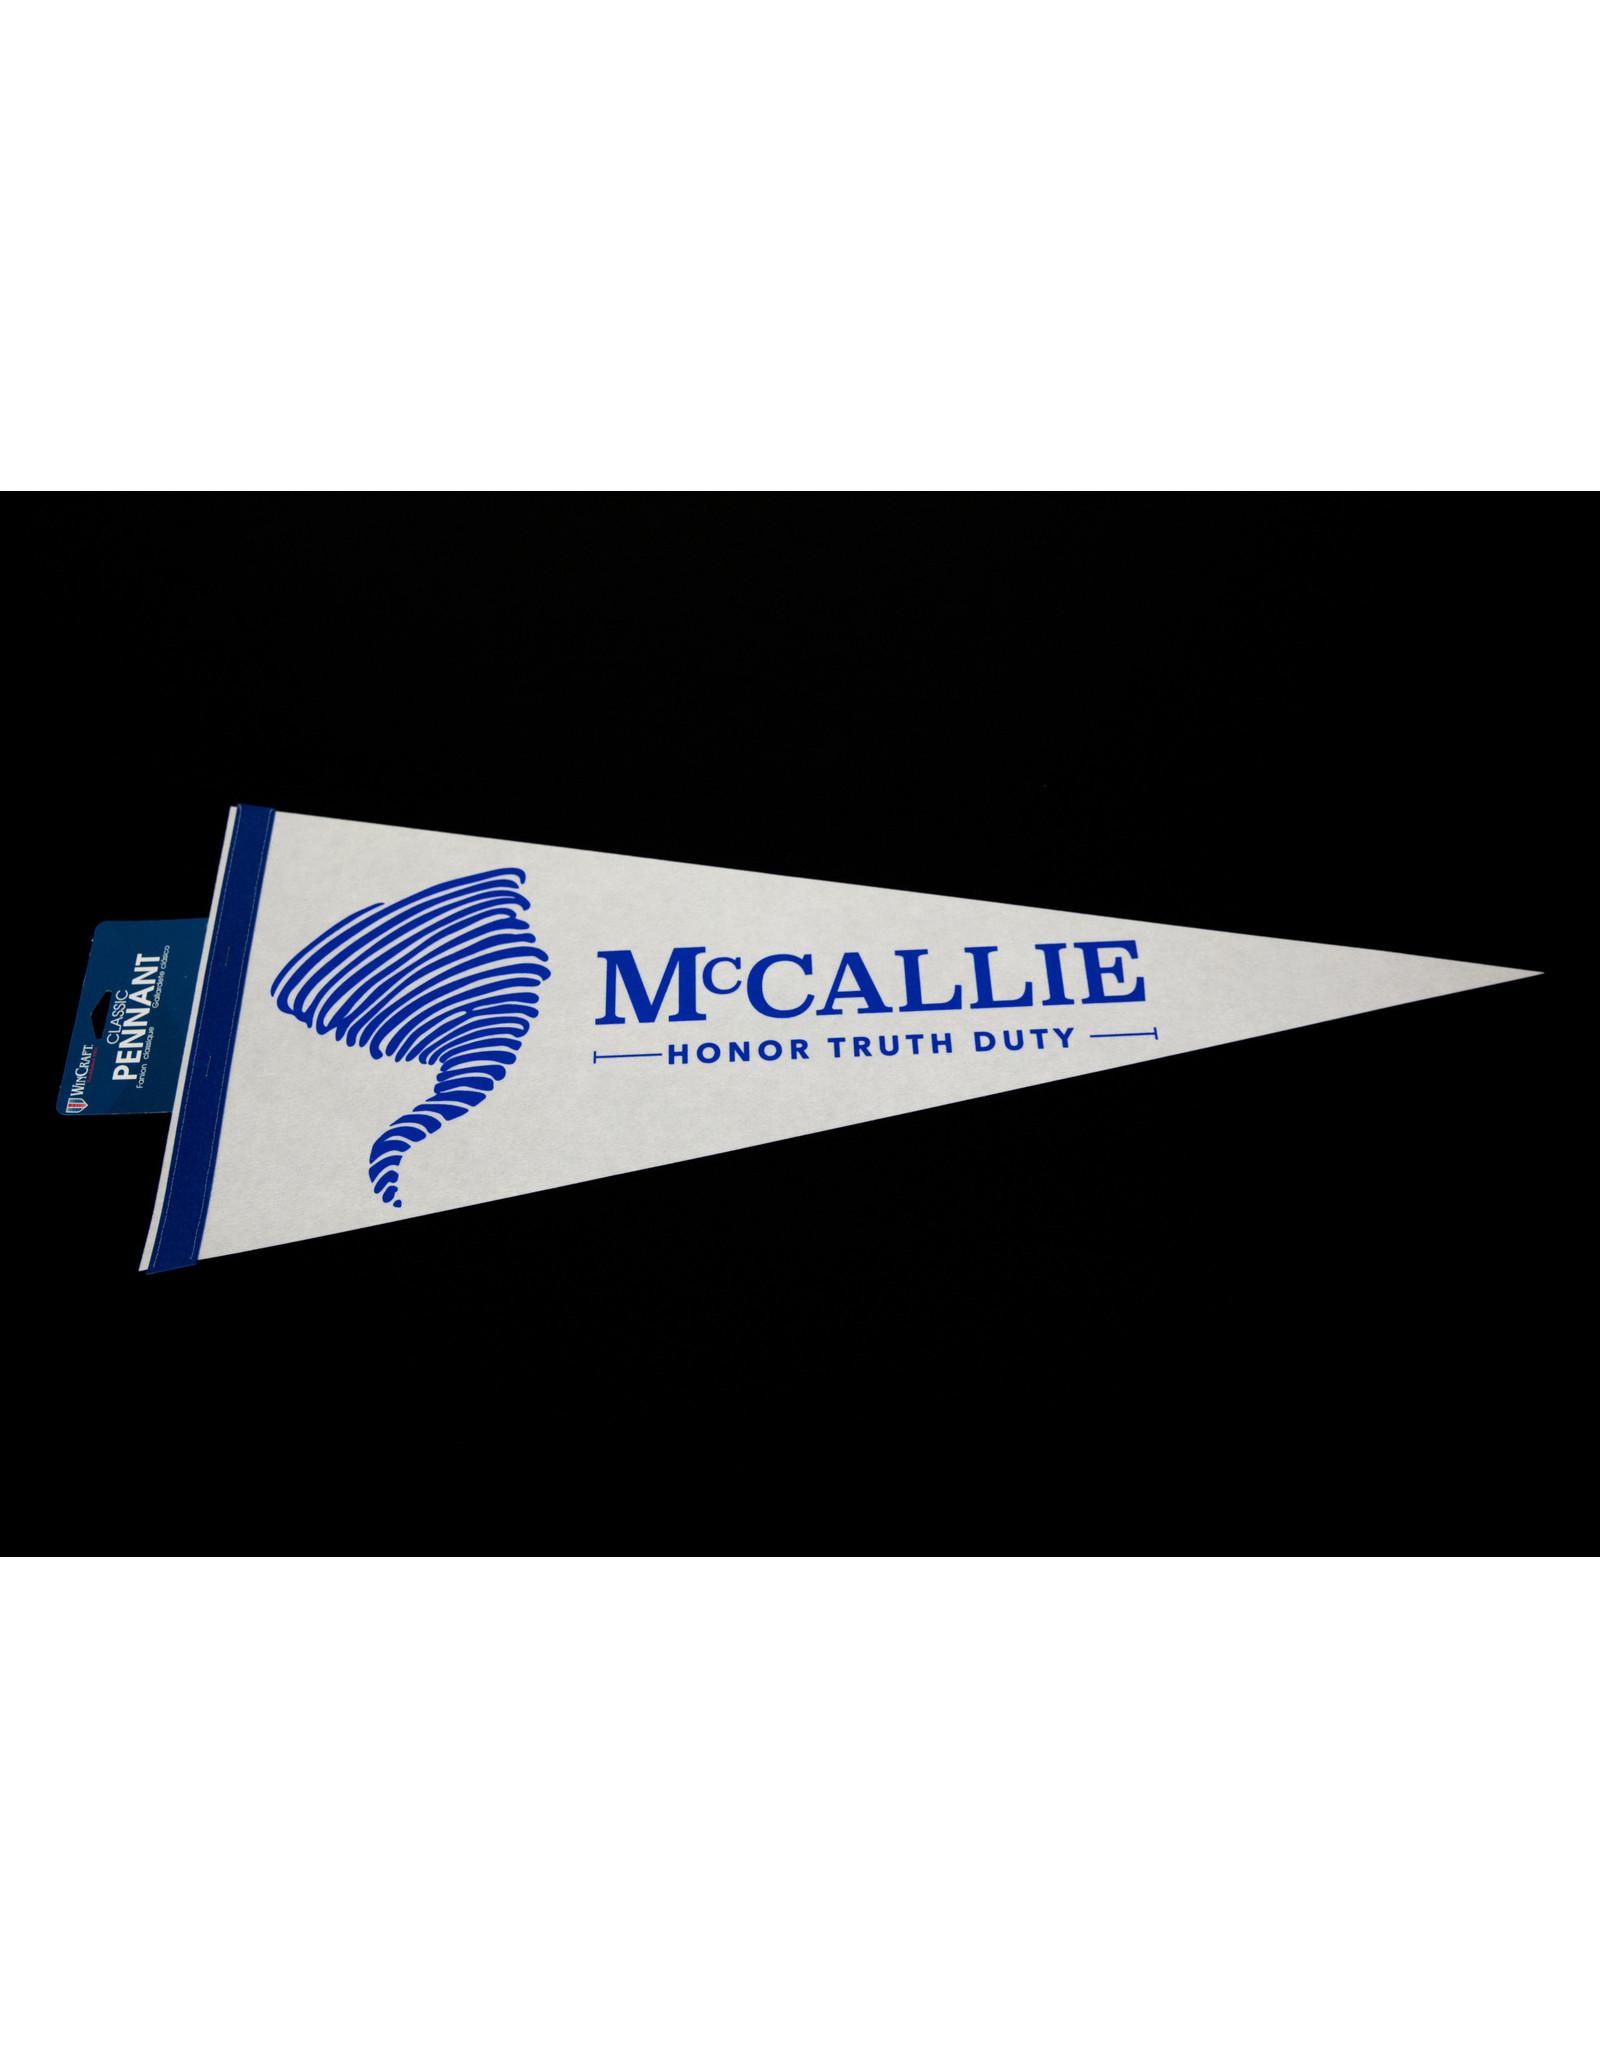 MCCALLIE PENNANT 12X30